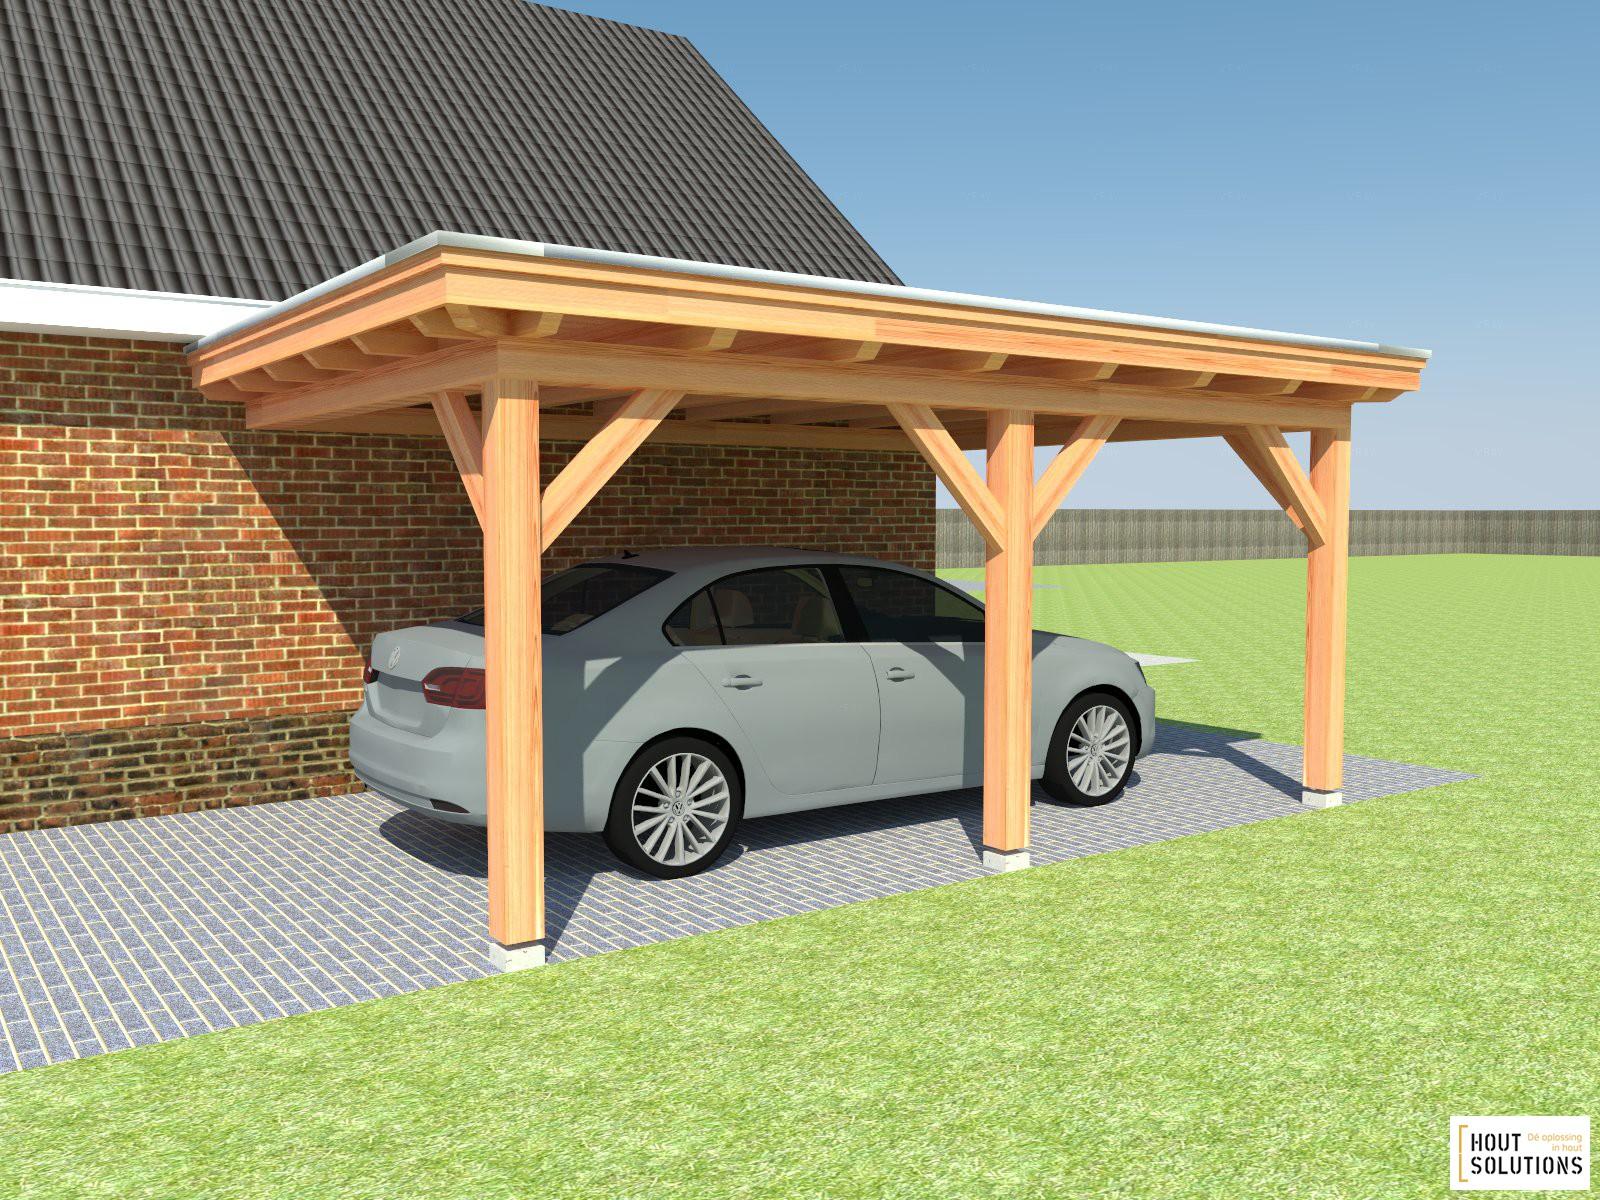 Carport hout bouwpakket in de hal van mijn huis - Modern prieel aluminium ...